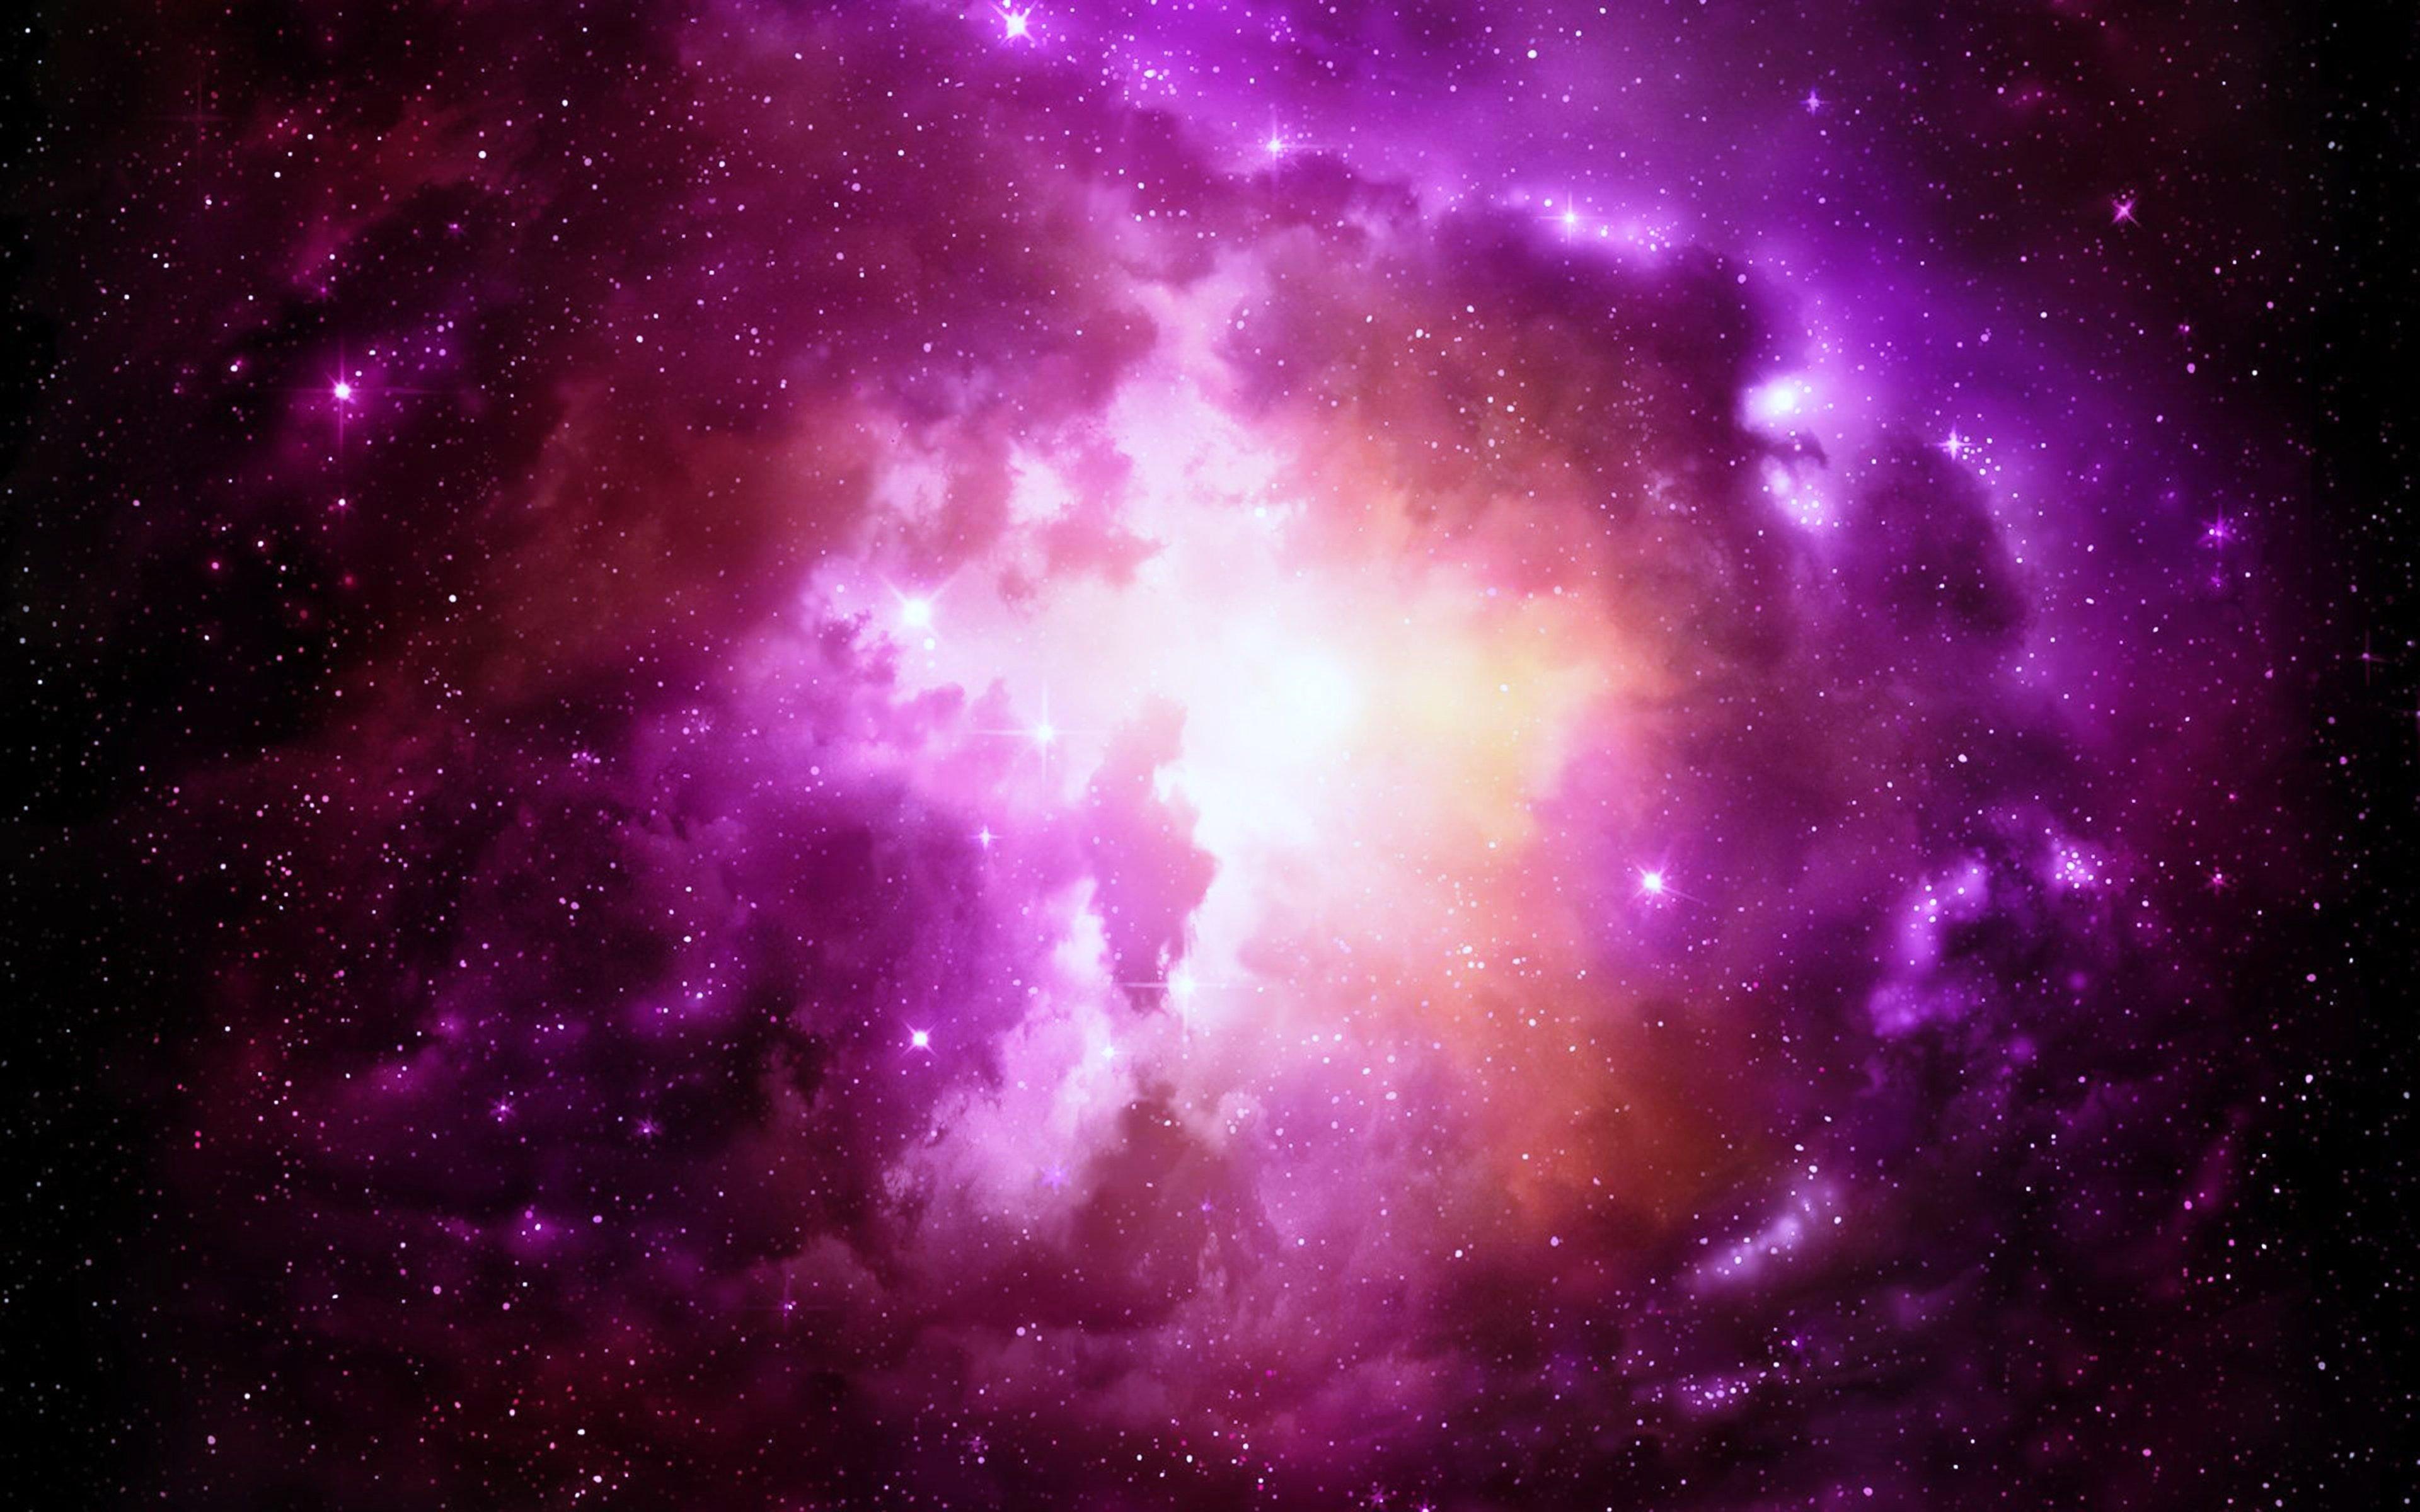 pink nebula galaxy space wallpaper - photo #4